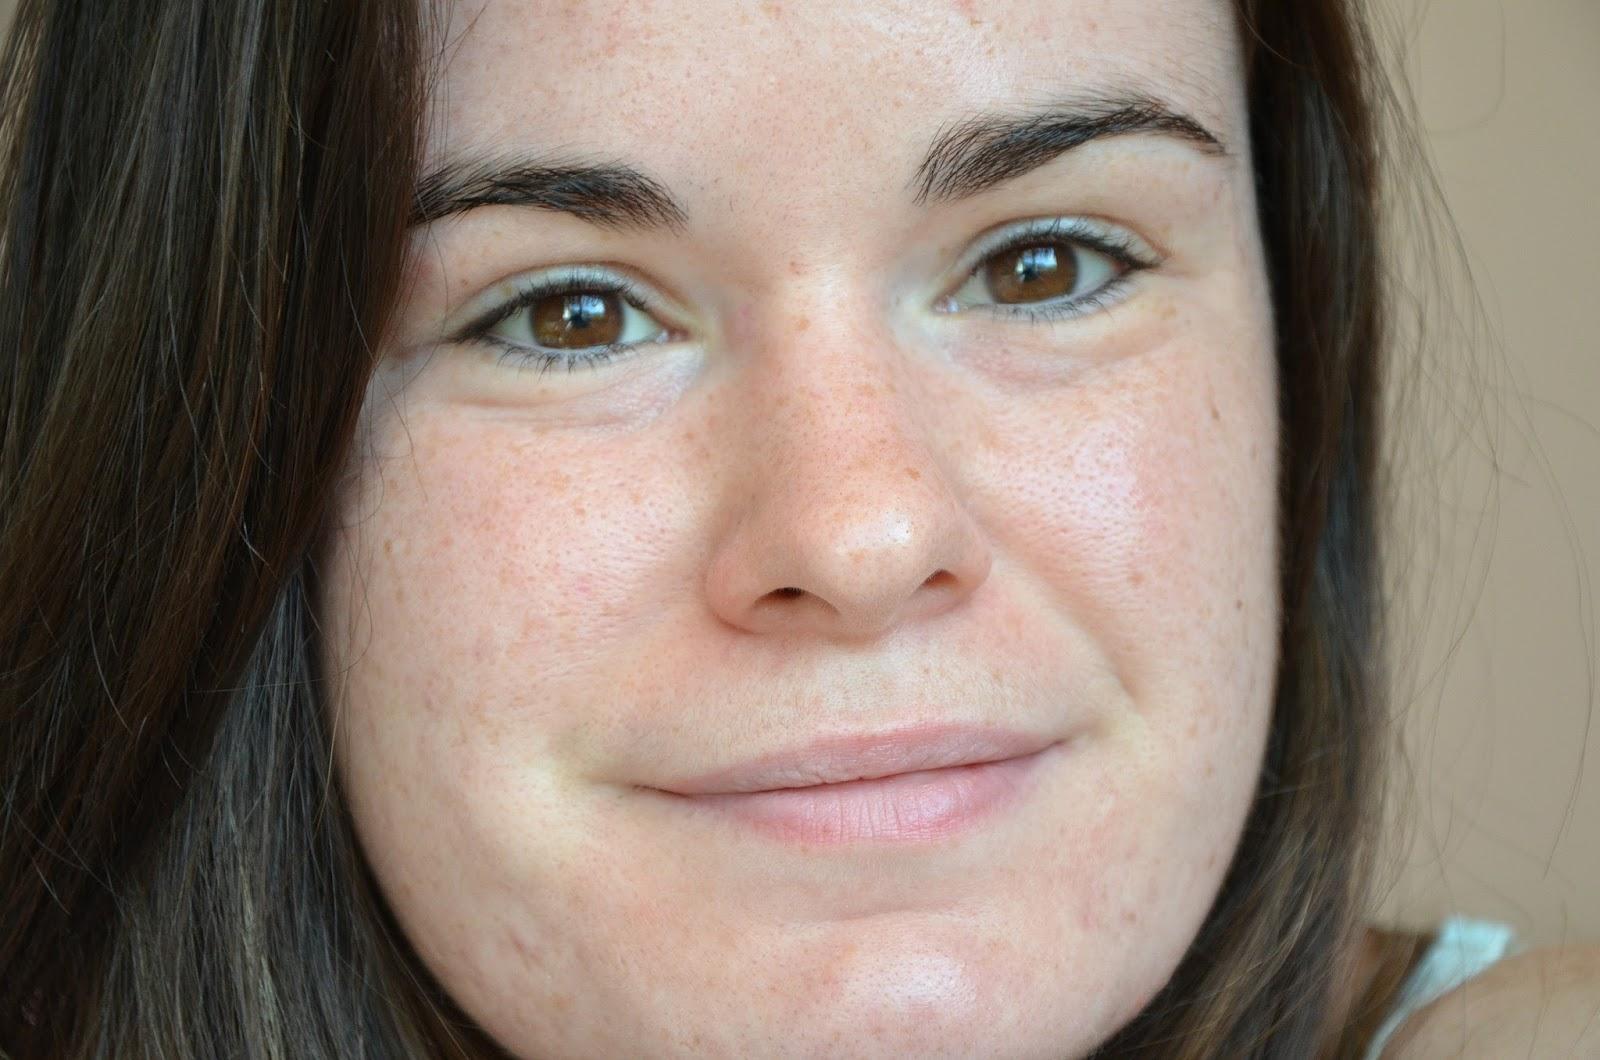 bilan du cinquième mois de traitement contre l'acné visage